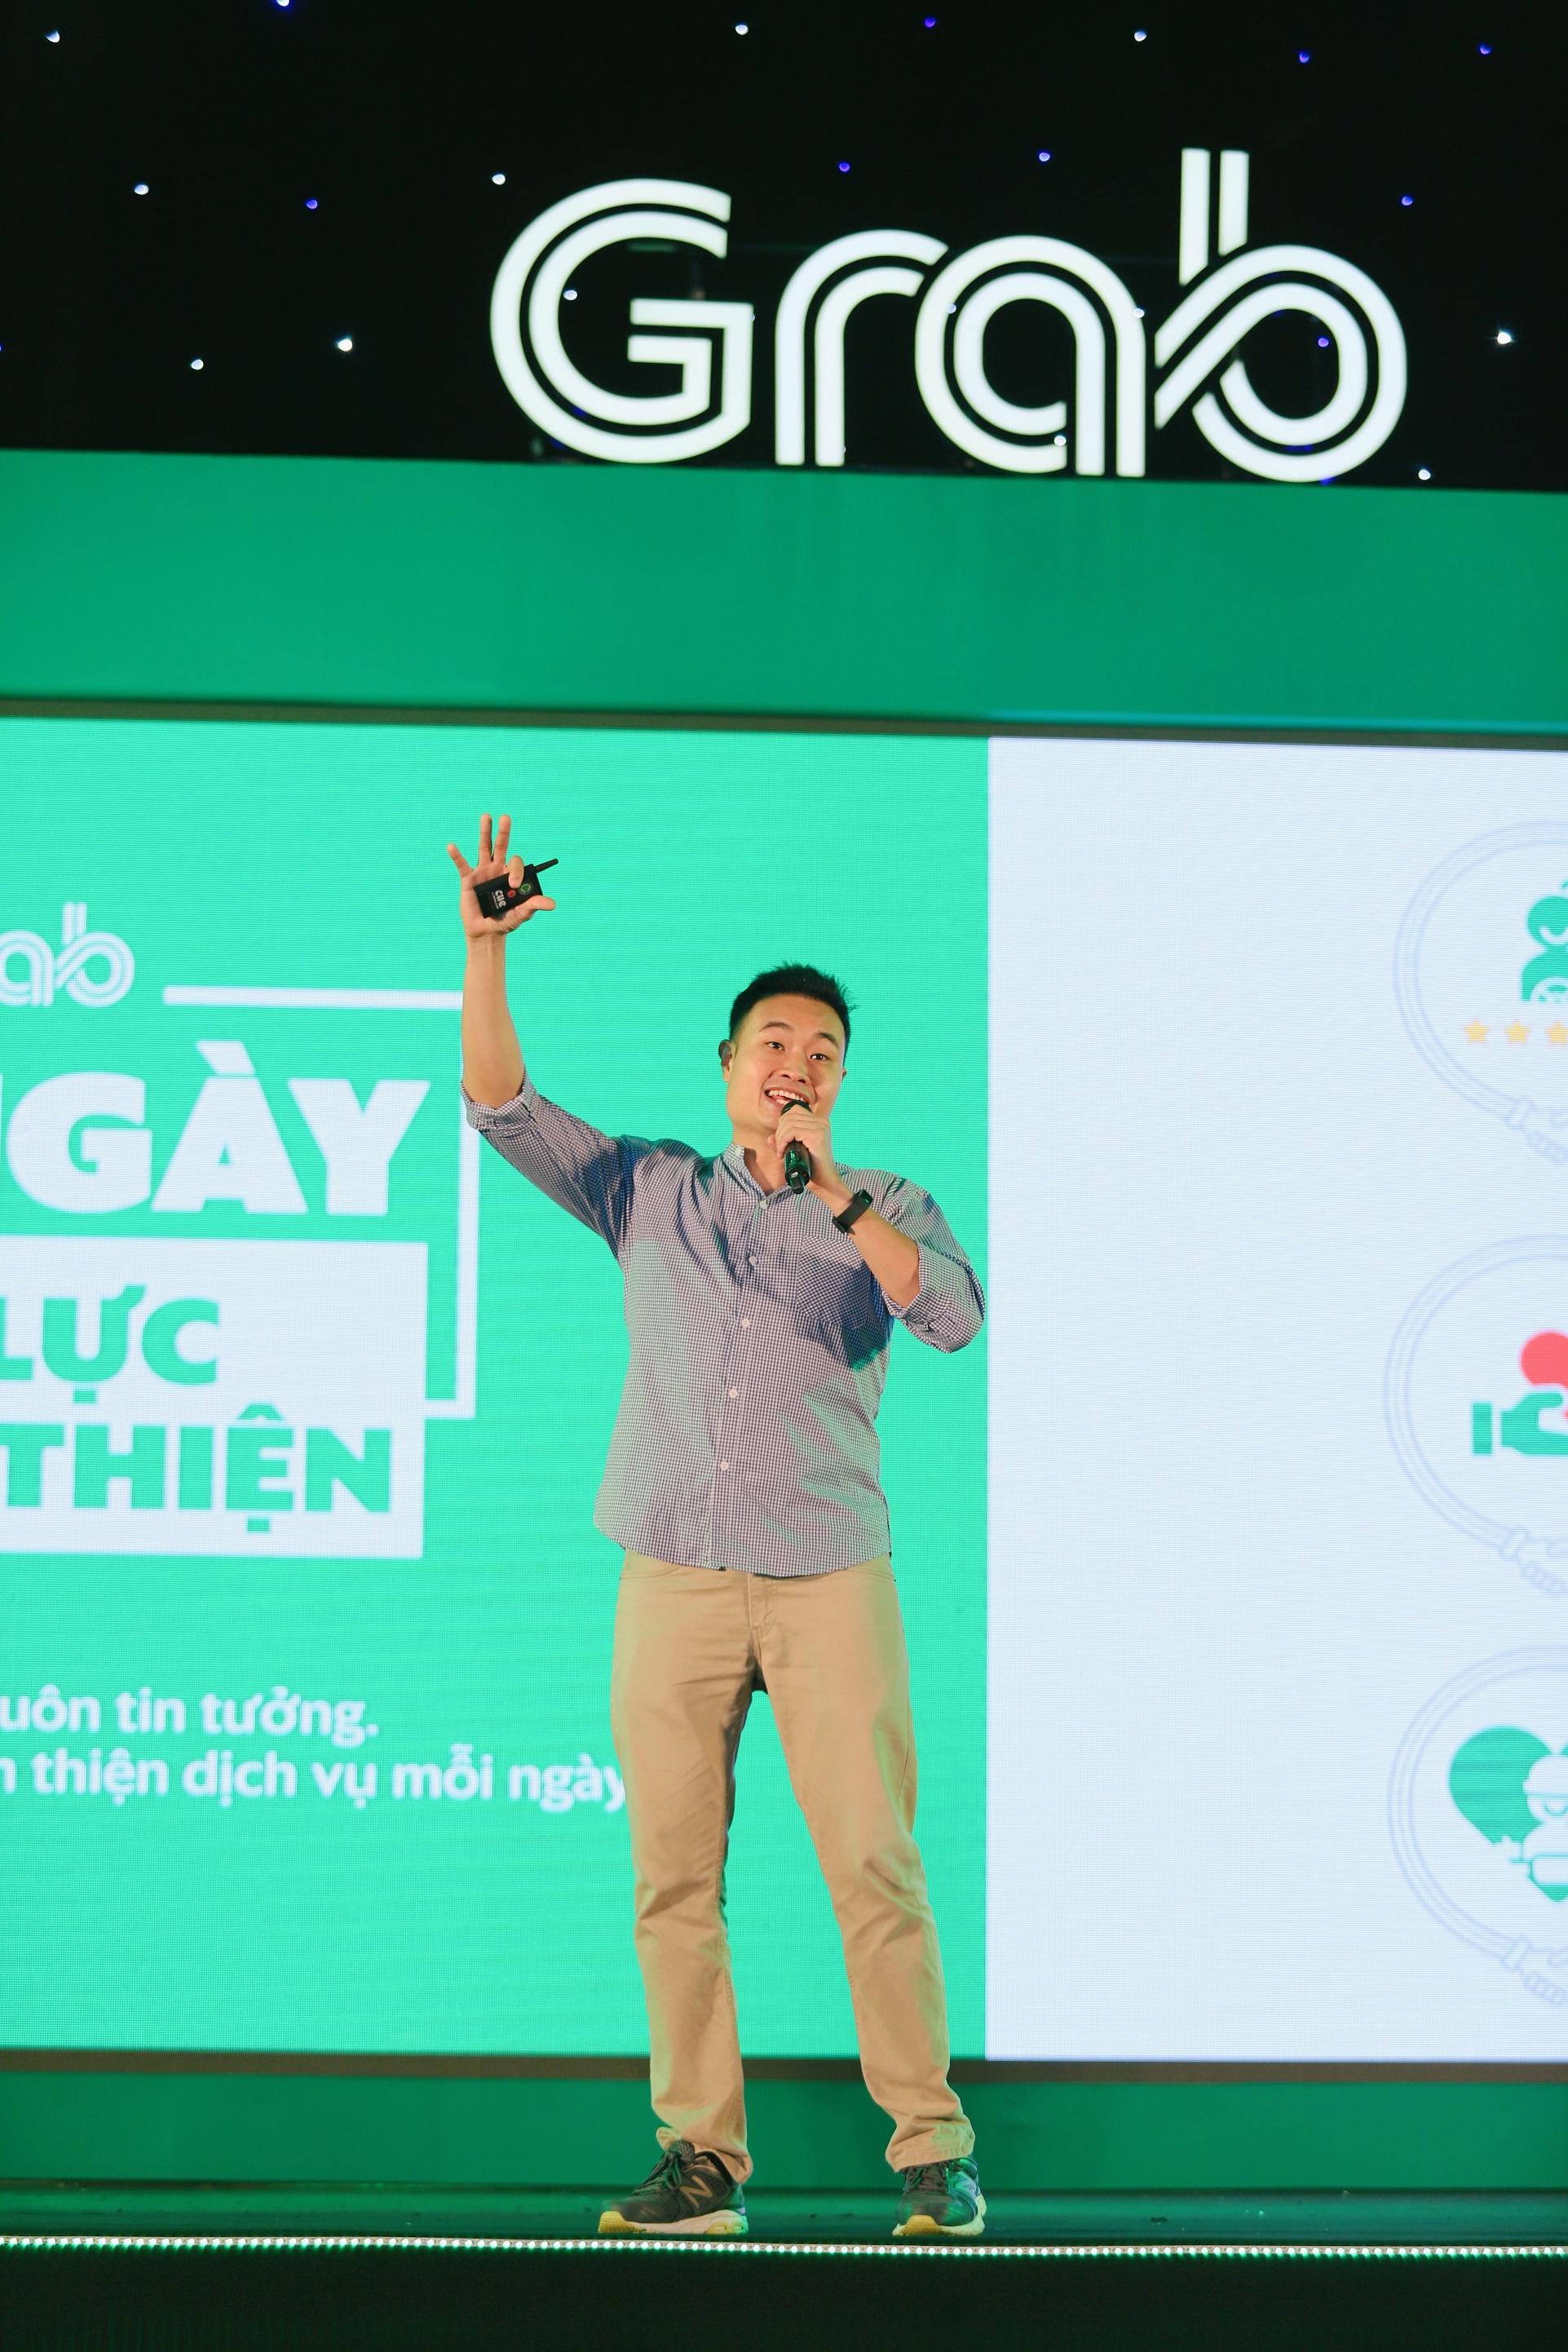 Hà Nội: Mặc mưa bão, Ngày hội tài xế công nghệ vẫn quy tụ hàng ngàn người tham gia - Ảnh 5.